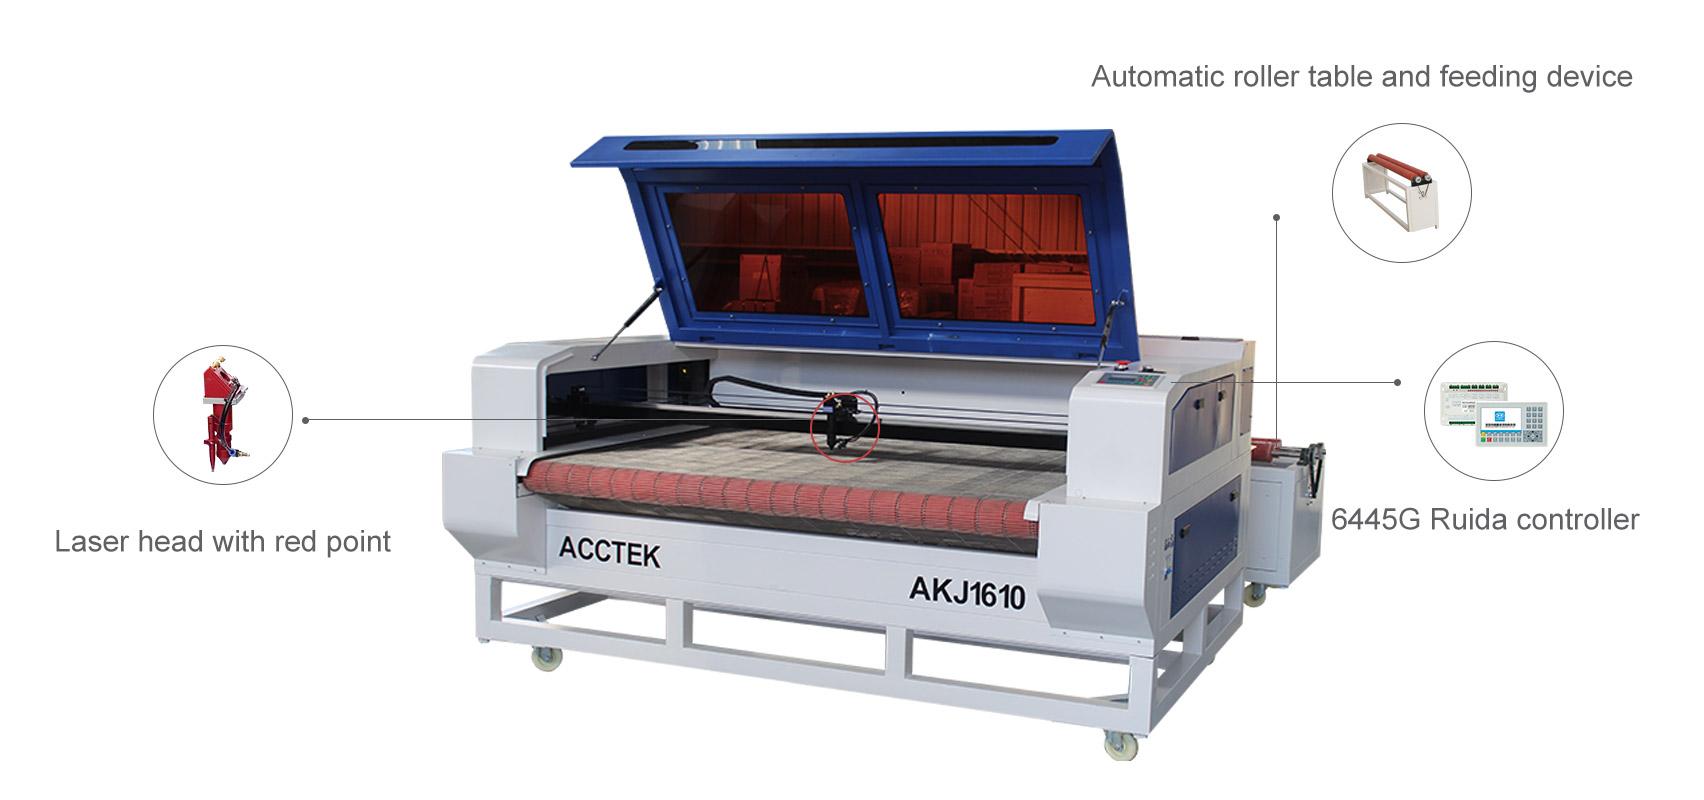 Machine de découpe laser avec dispositif d'alimentation automatique